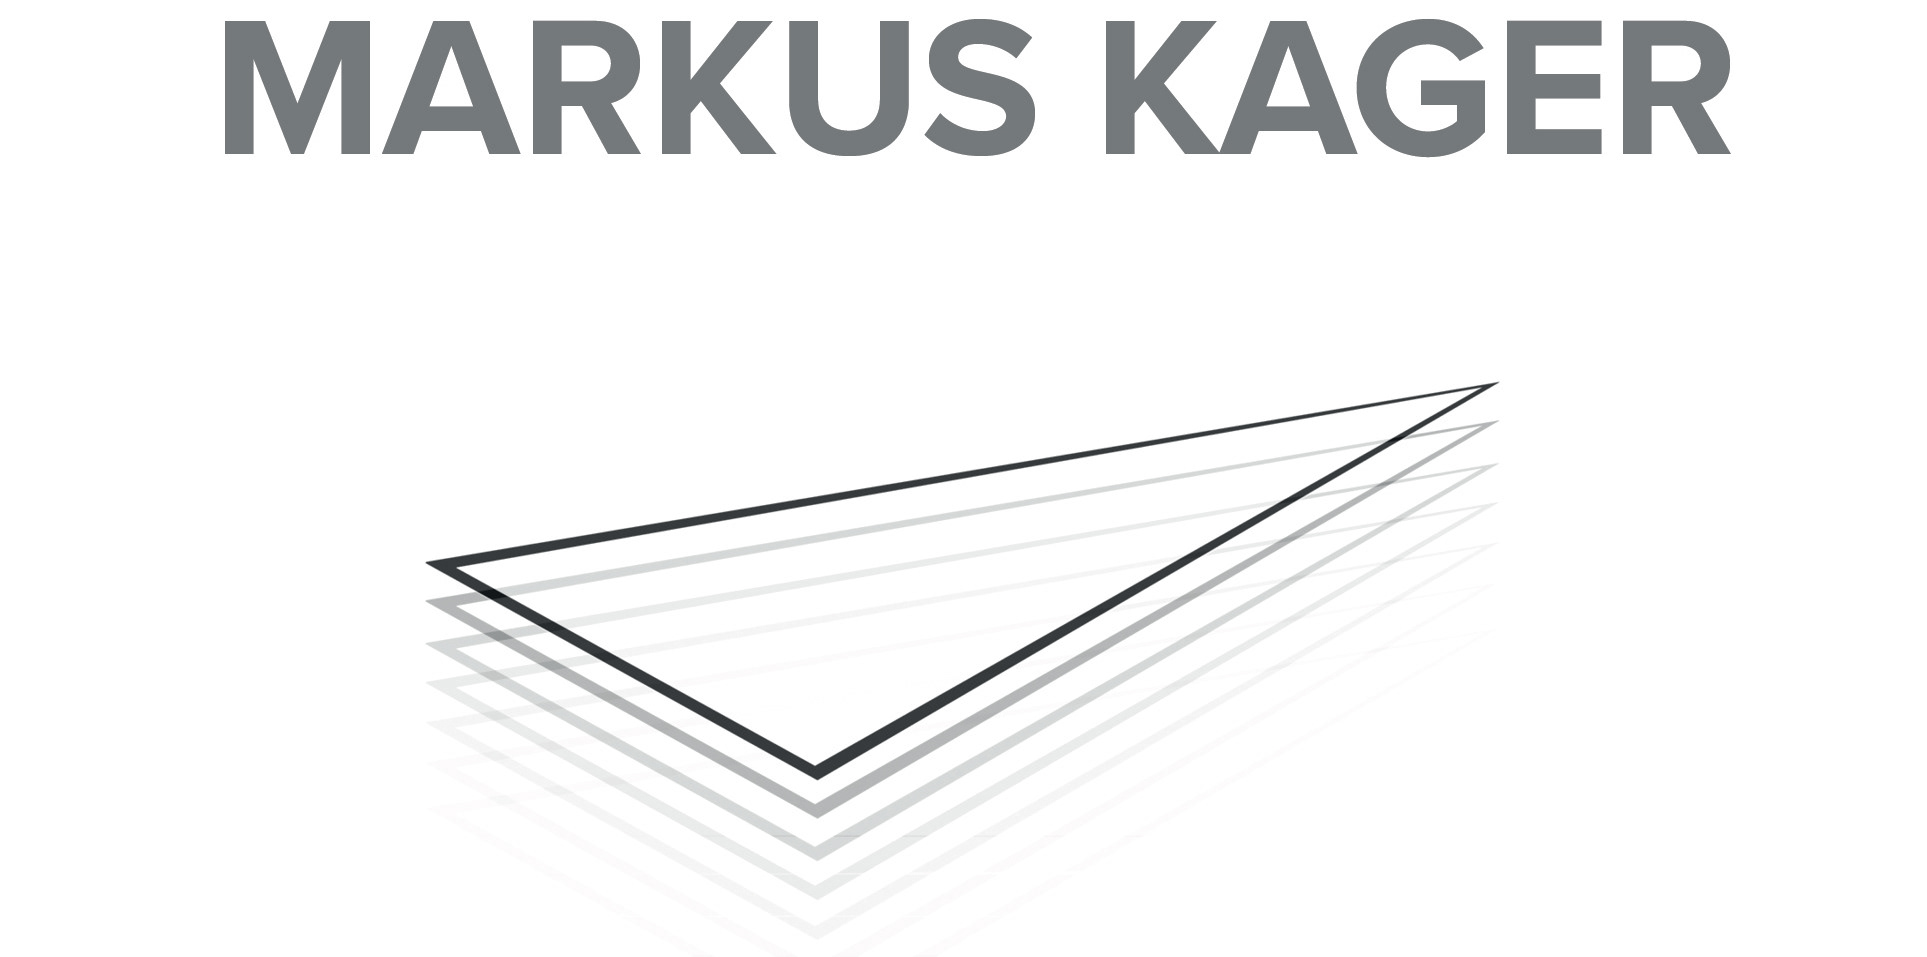 Markus Kager